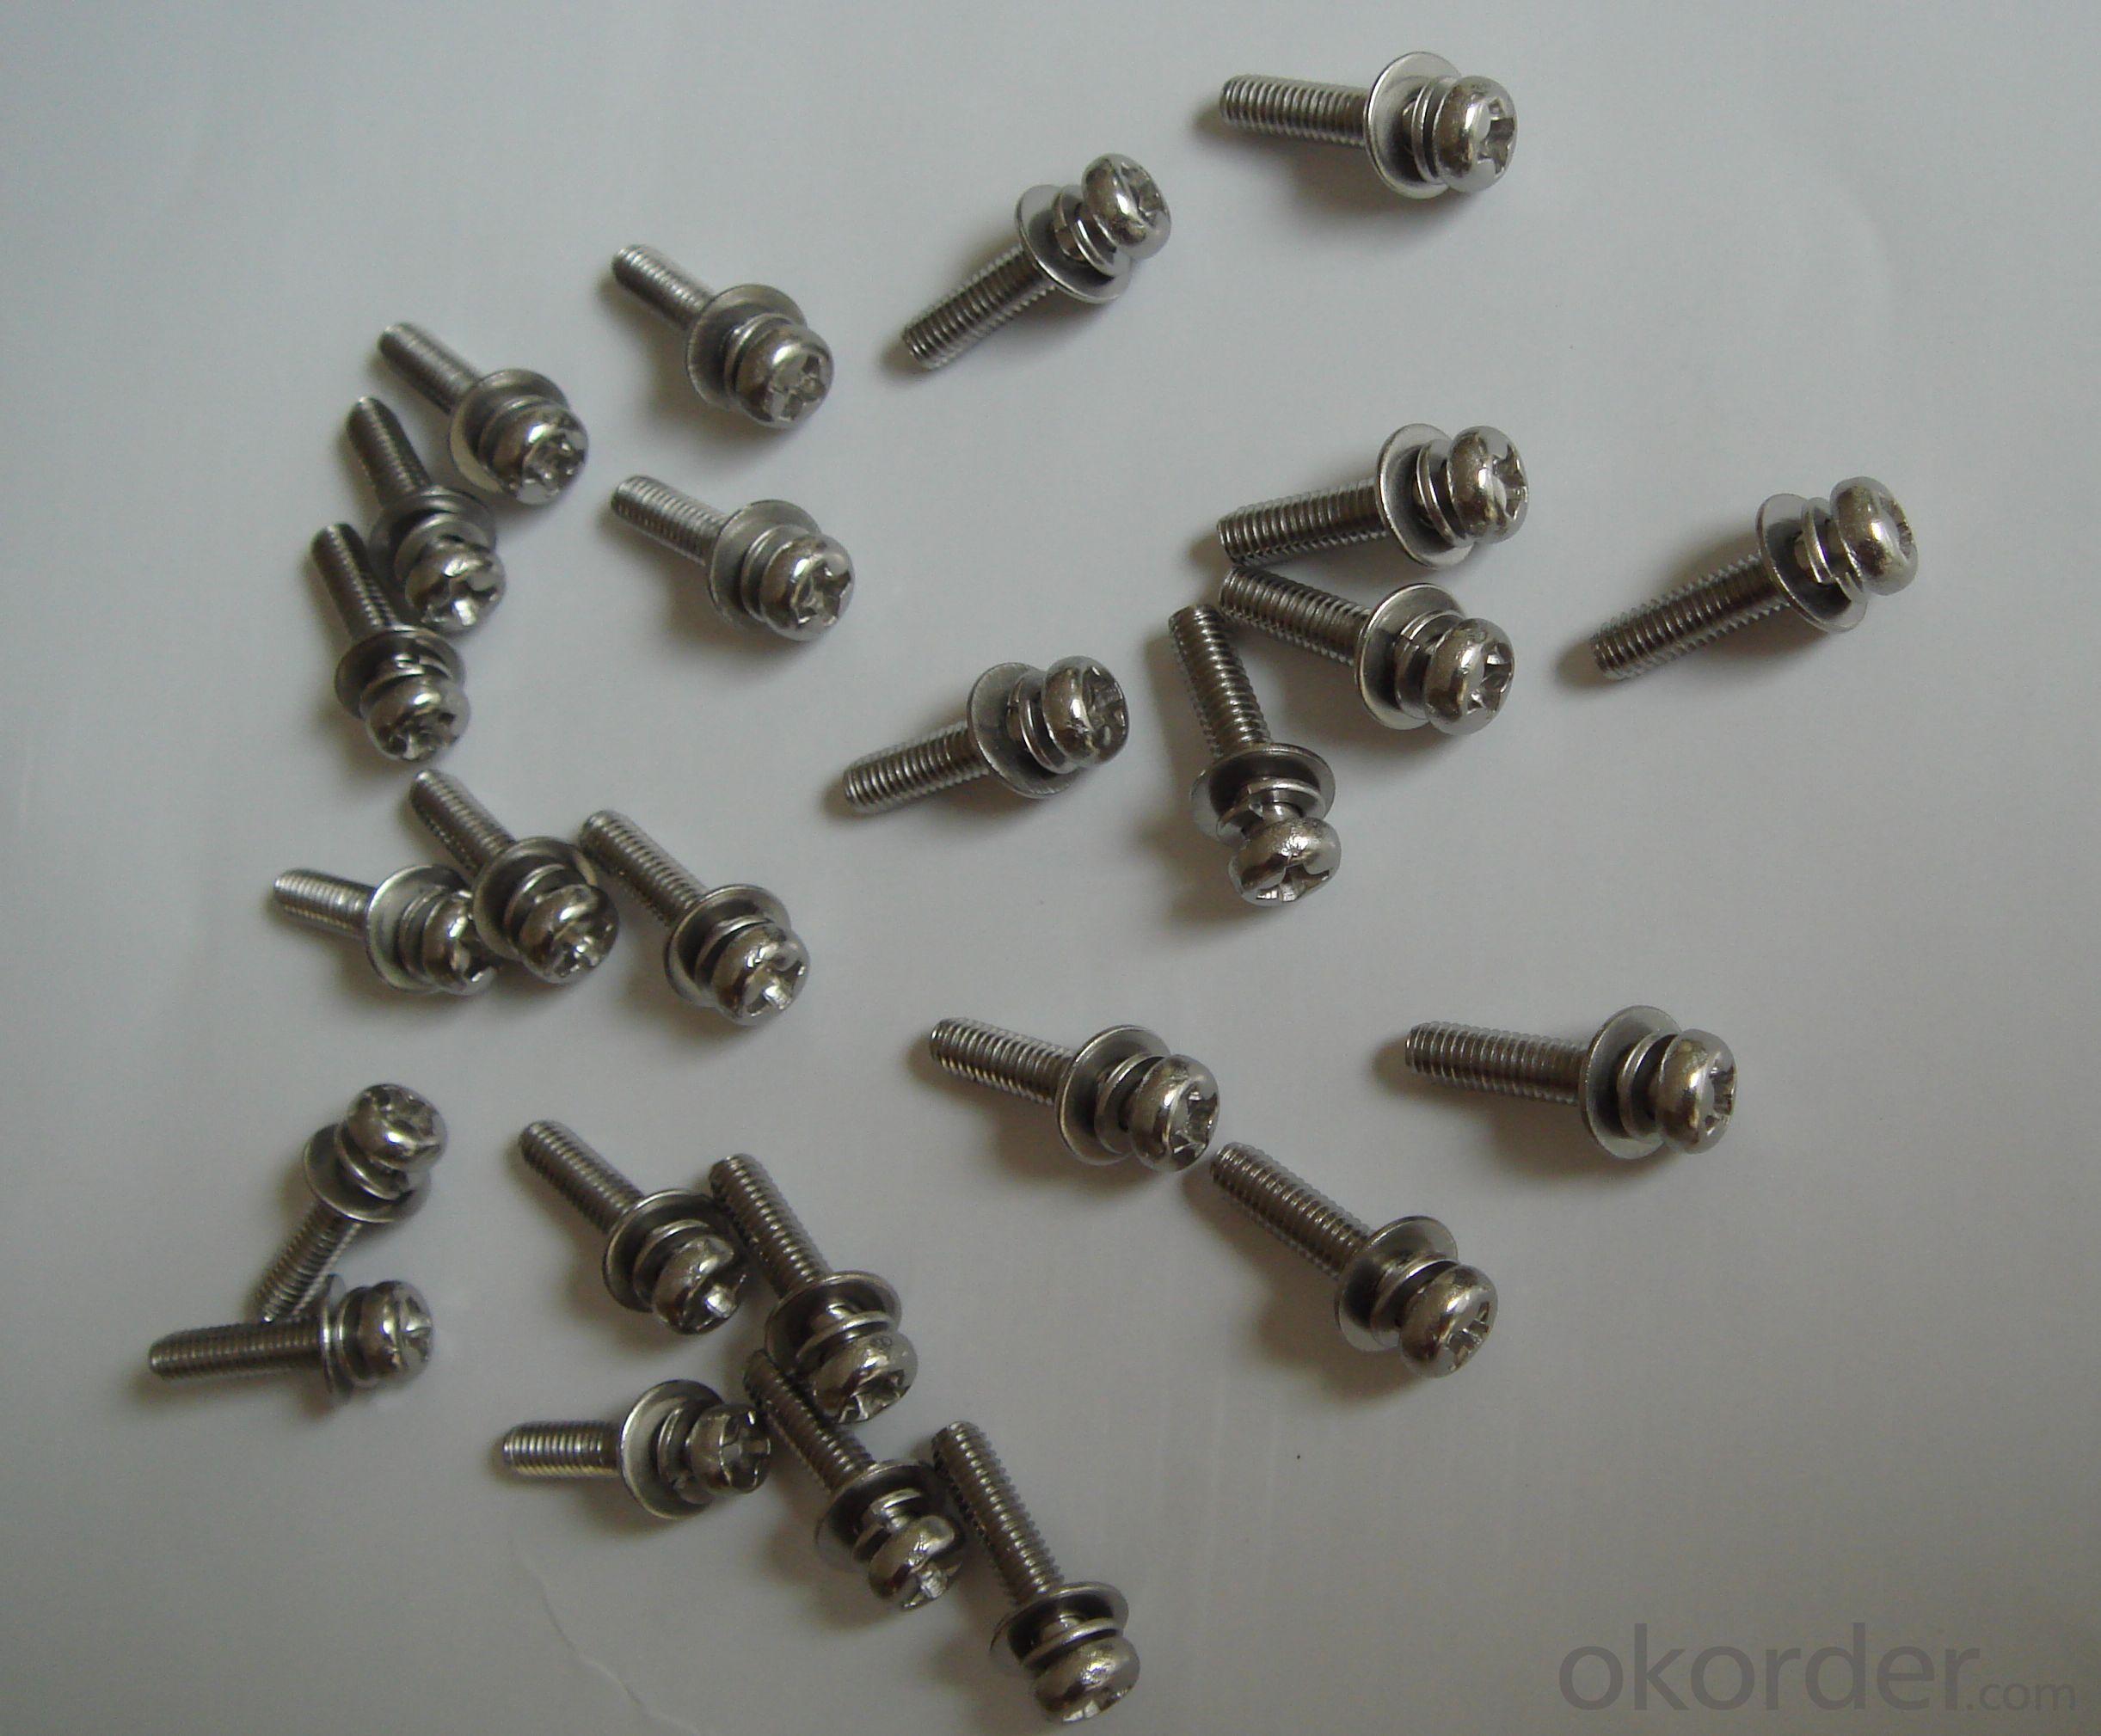 Steel Stainless Steel DIN7981 ISO 7049 Cross Recessed Phil Pan Head Self Tapping Screws